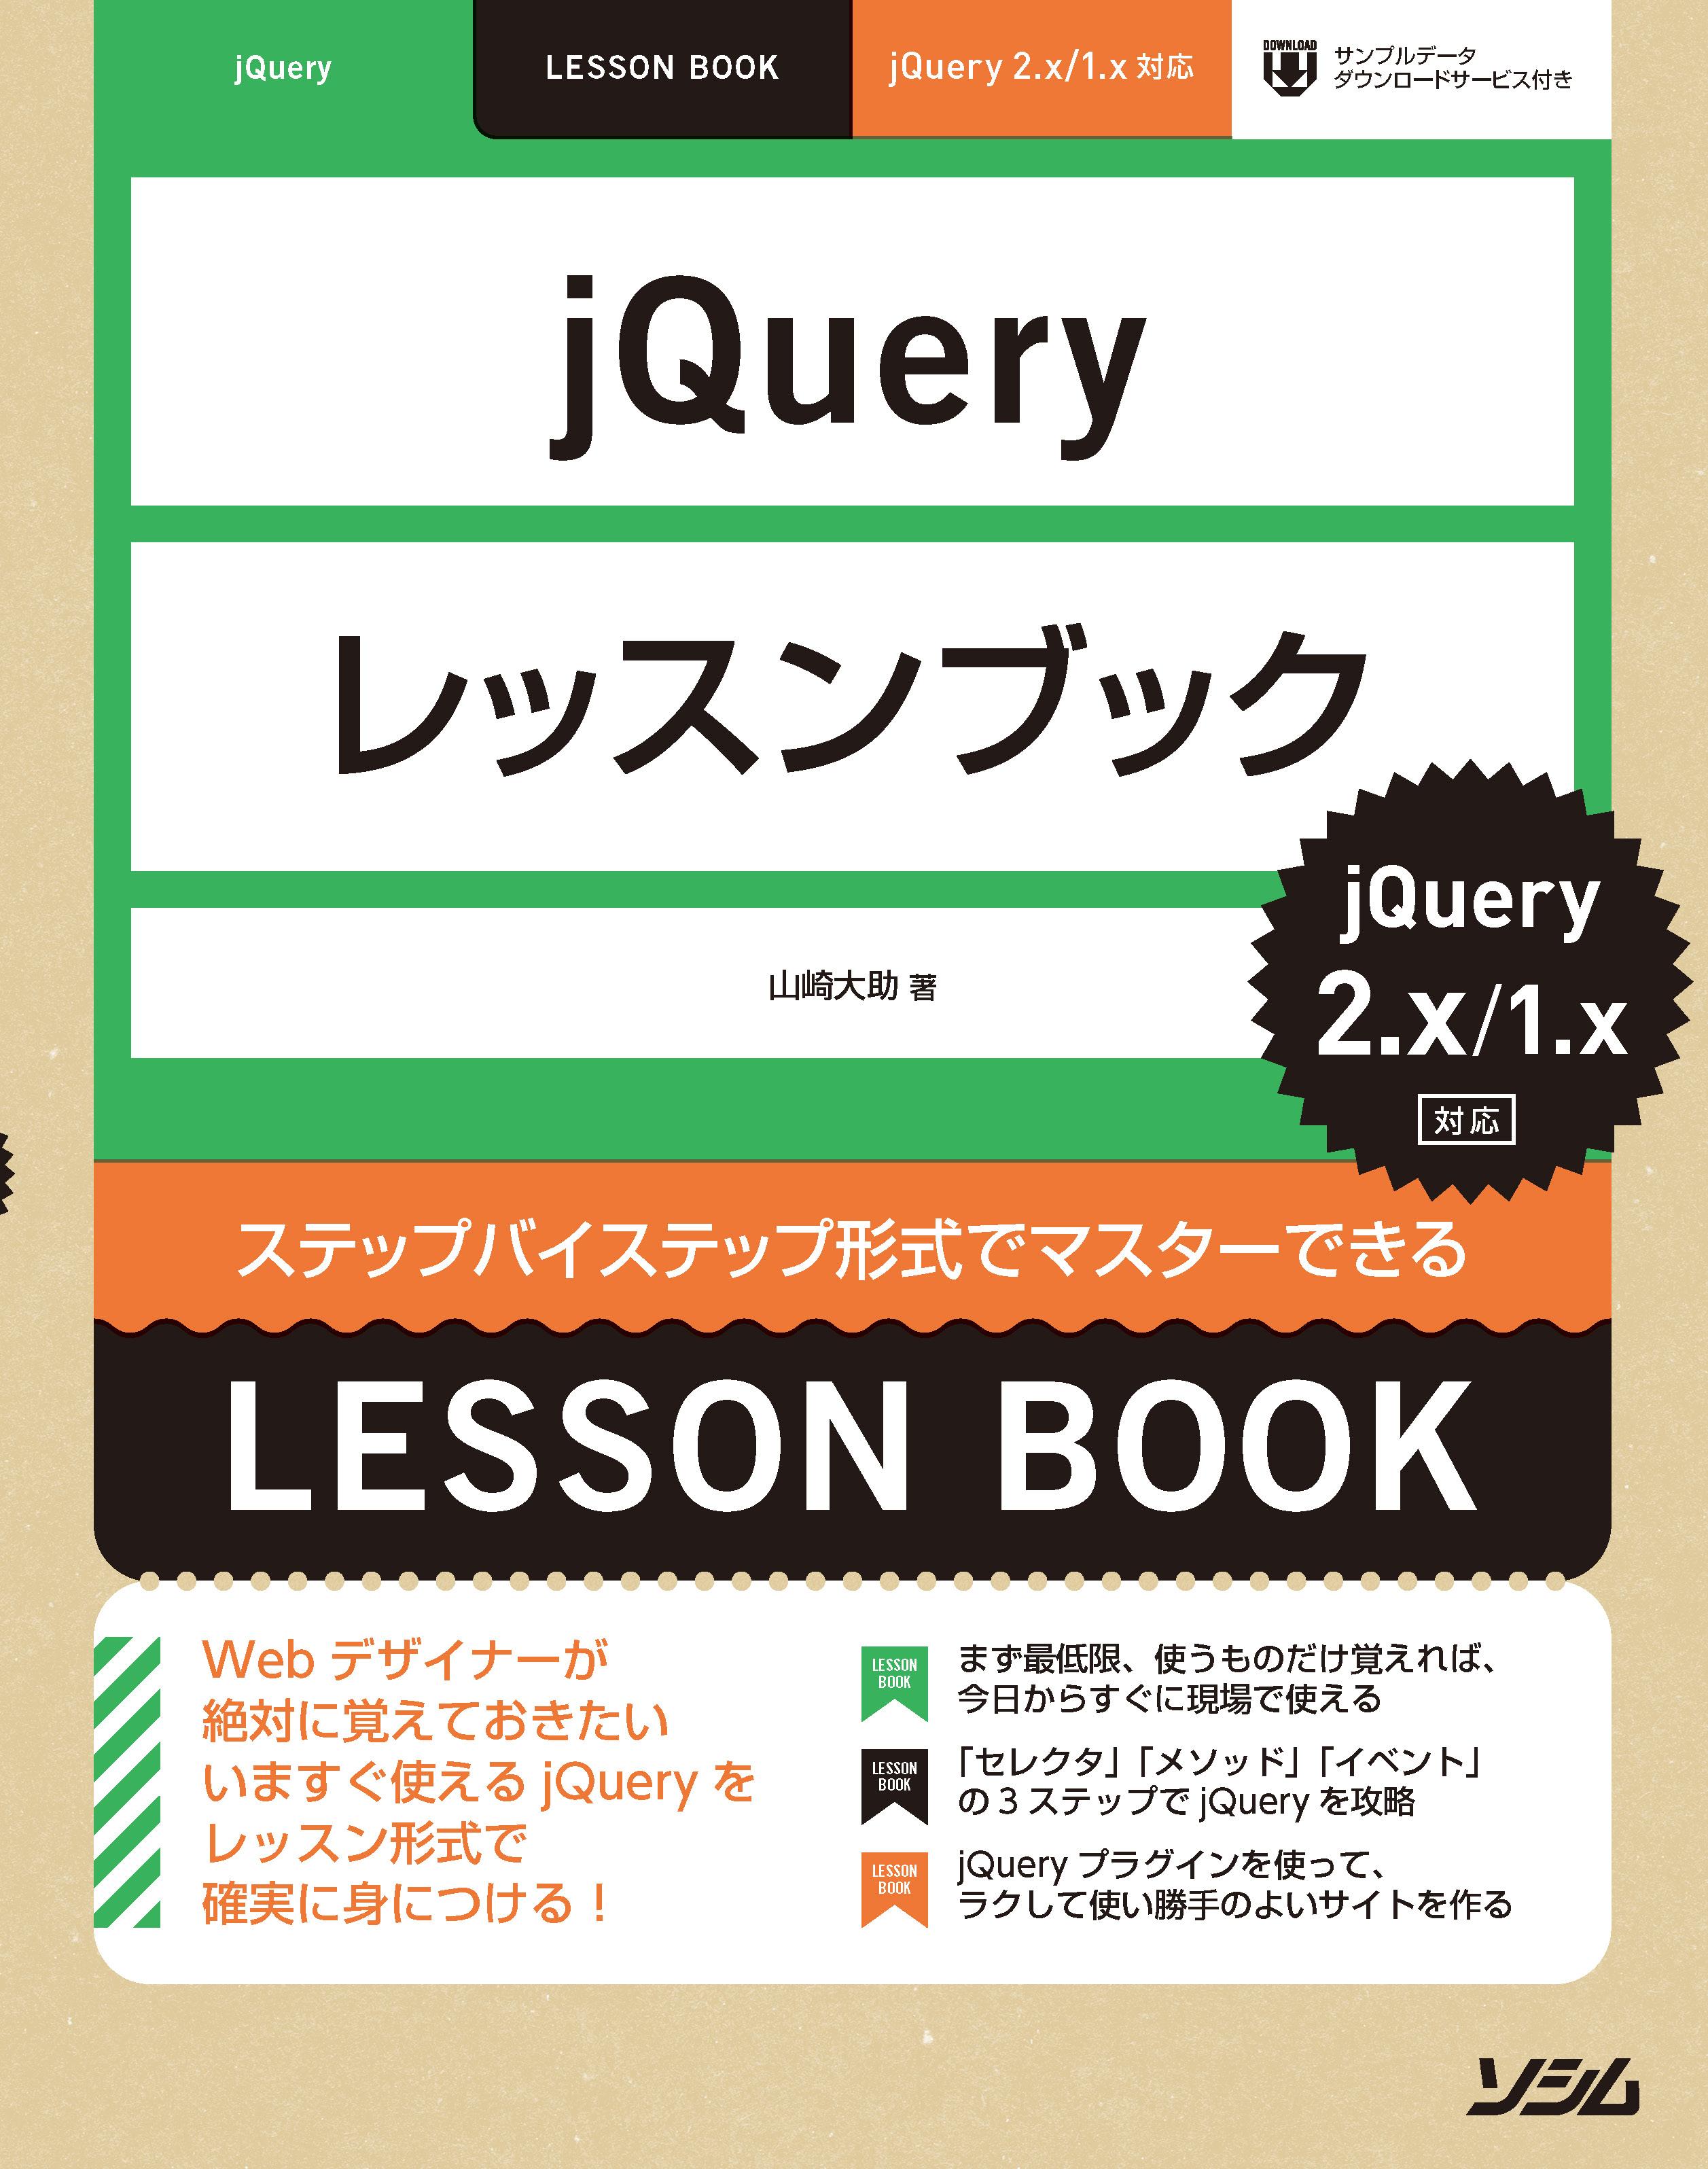 『jQueryレッスンブック jQuery 2.x/1.x対応』